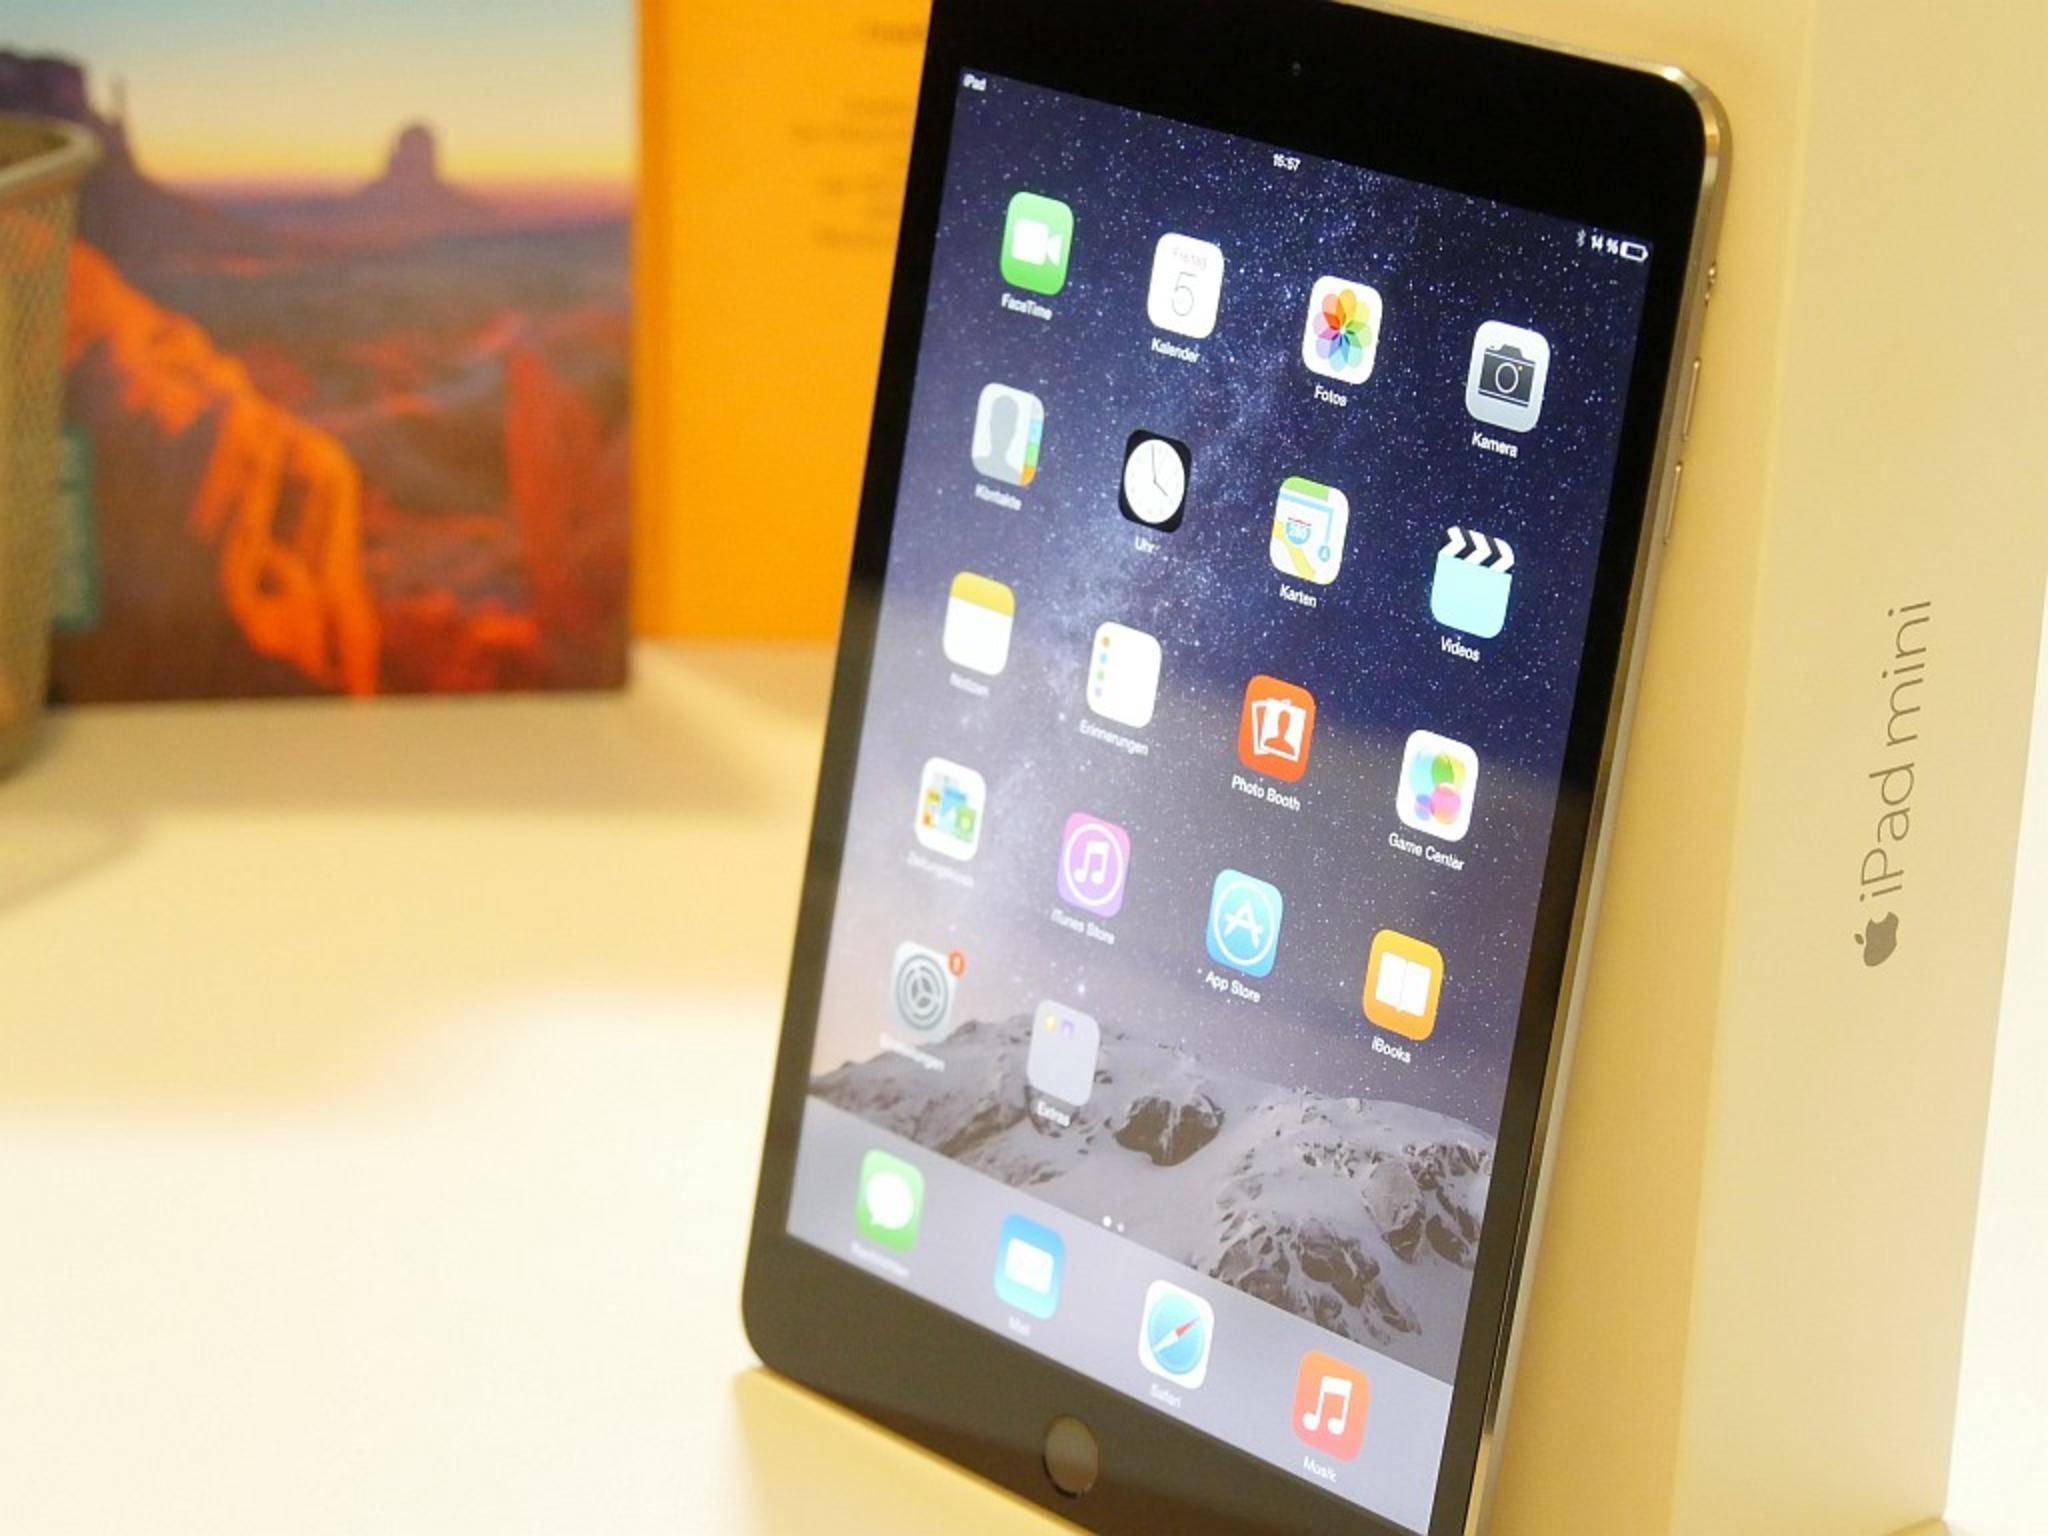 Das iPad mini 3 unterscheidet sich kaum vom iPad mini 2.